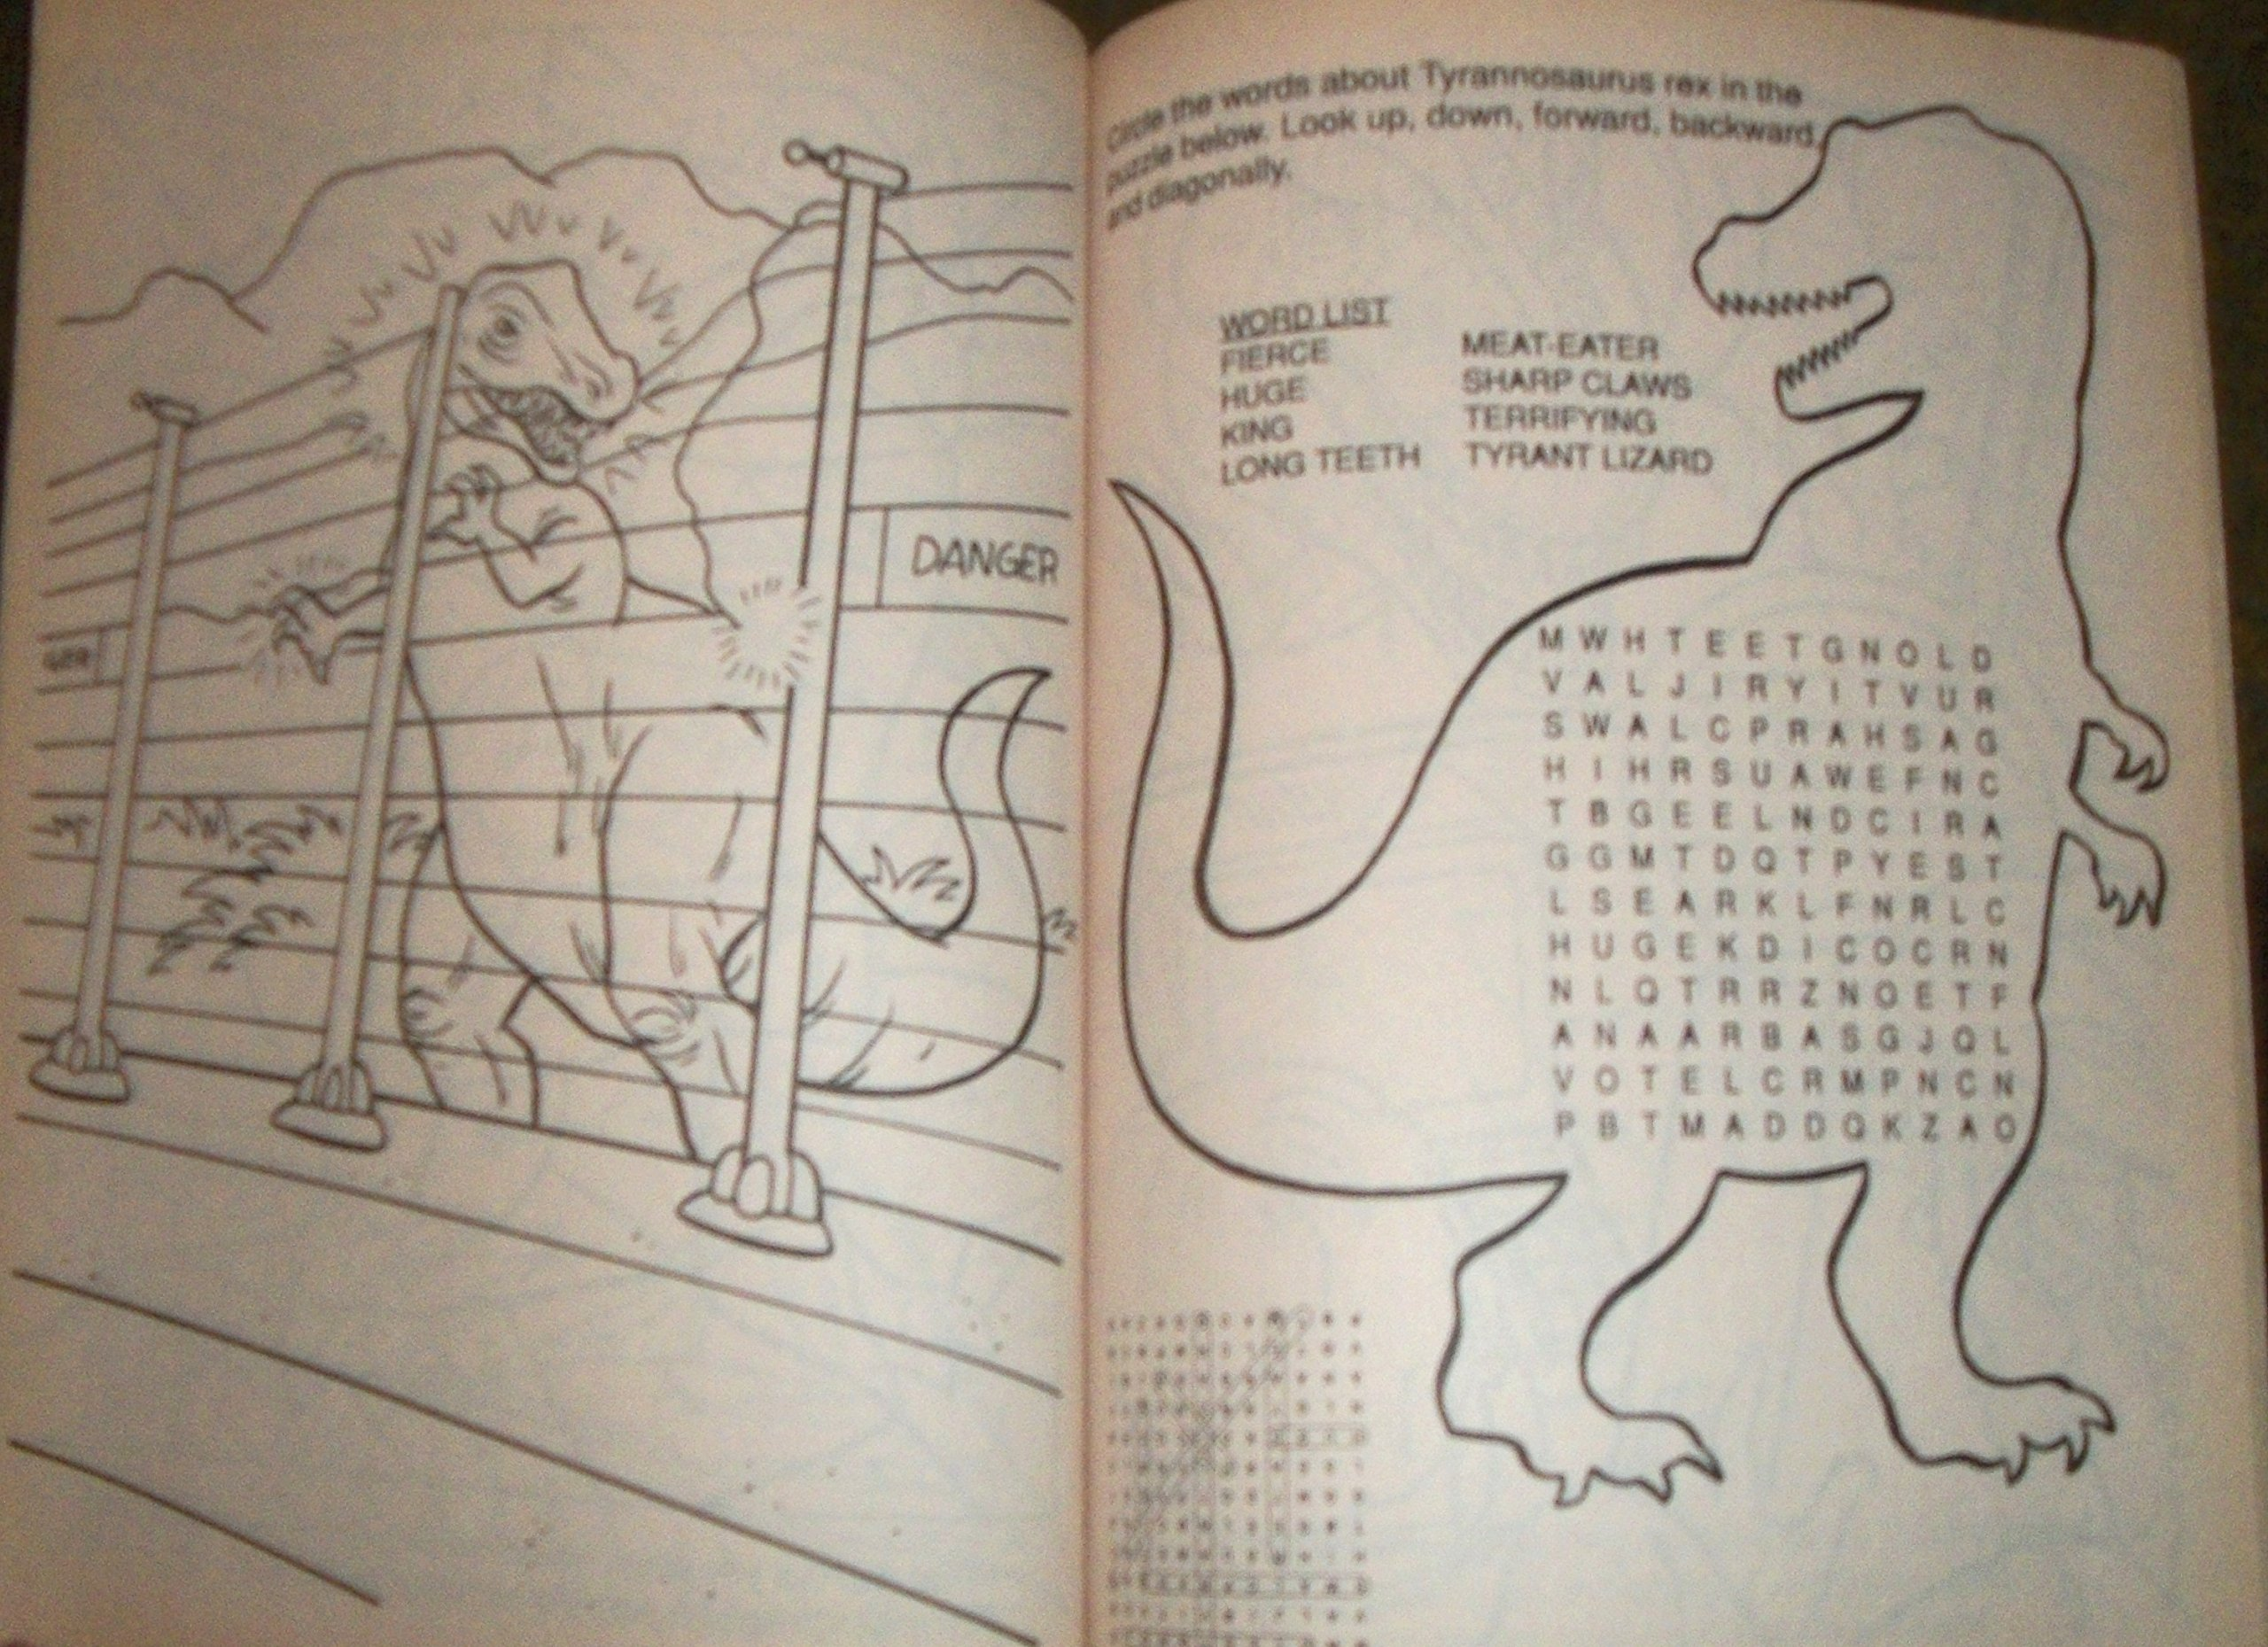 jurassic park the colouring books bk 1 golden books 9780307039798 amazoncom books - Jurassic Park Coloring Book